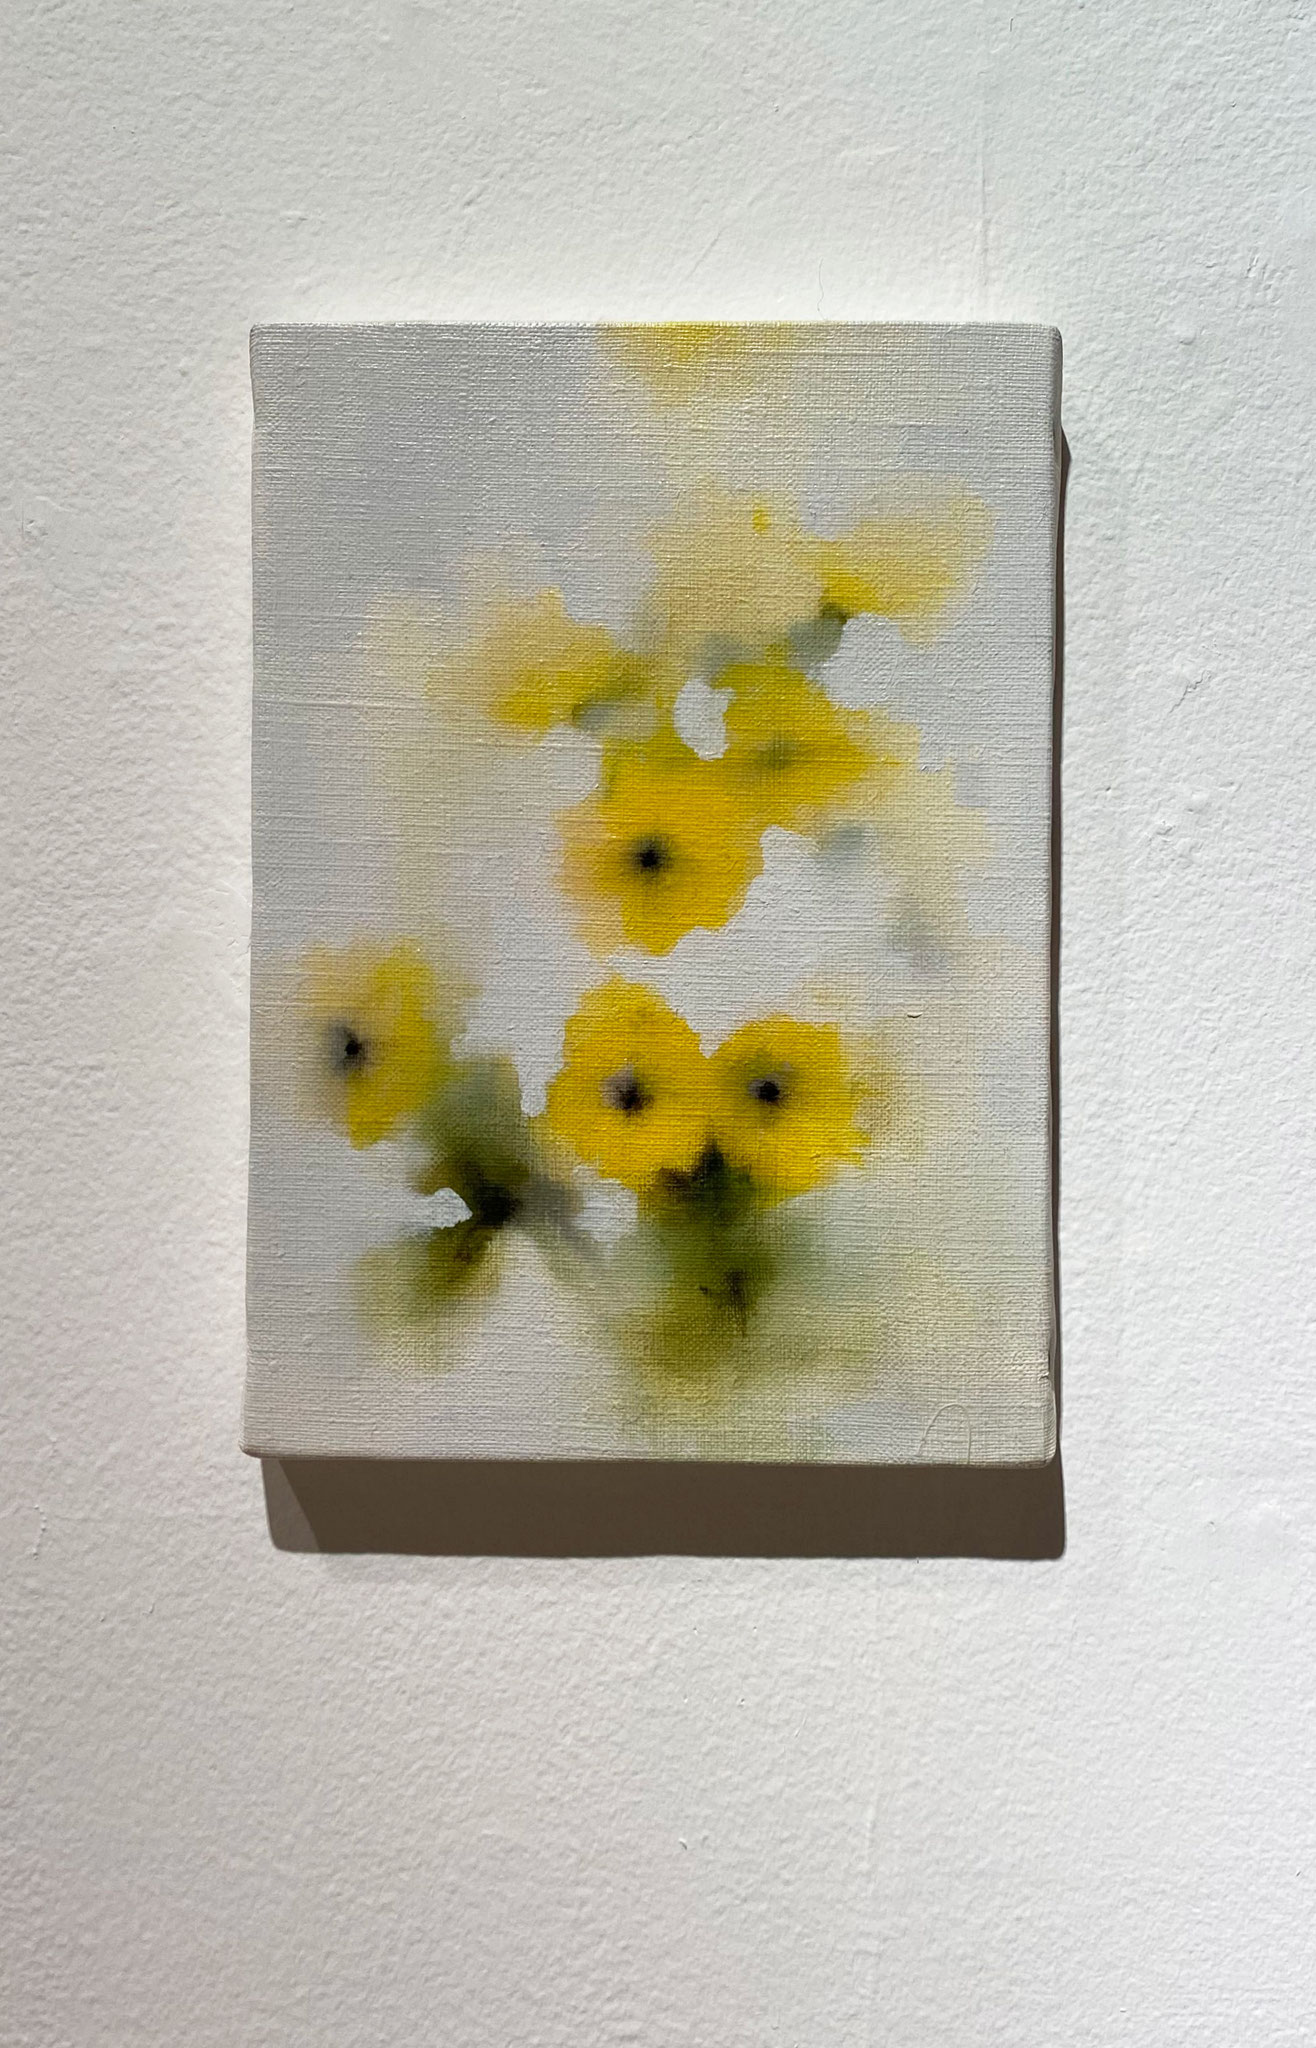 みるように目を閉じる,227×158,キャンバス、油彩,2020